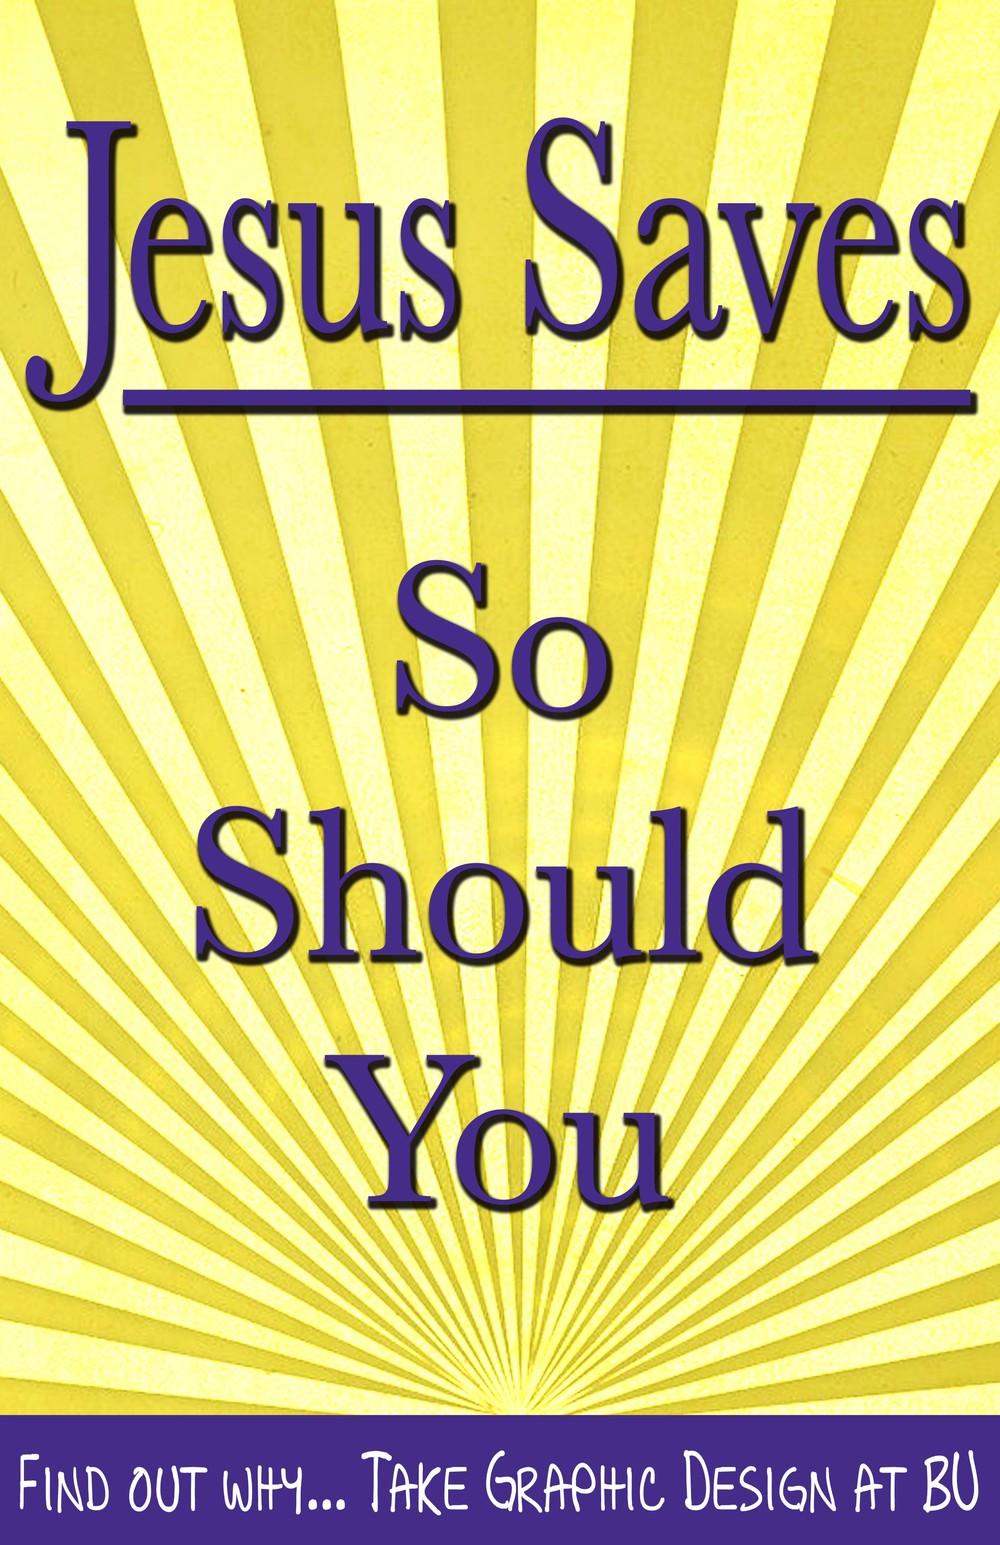 Jesus Saves2.jpg